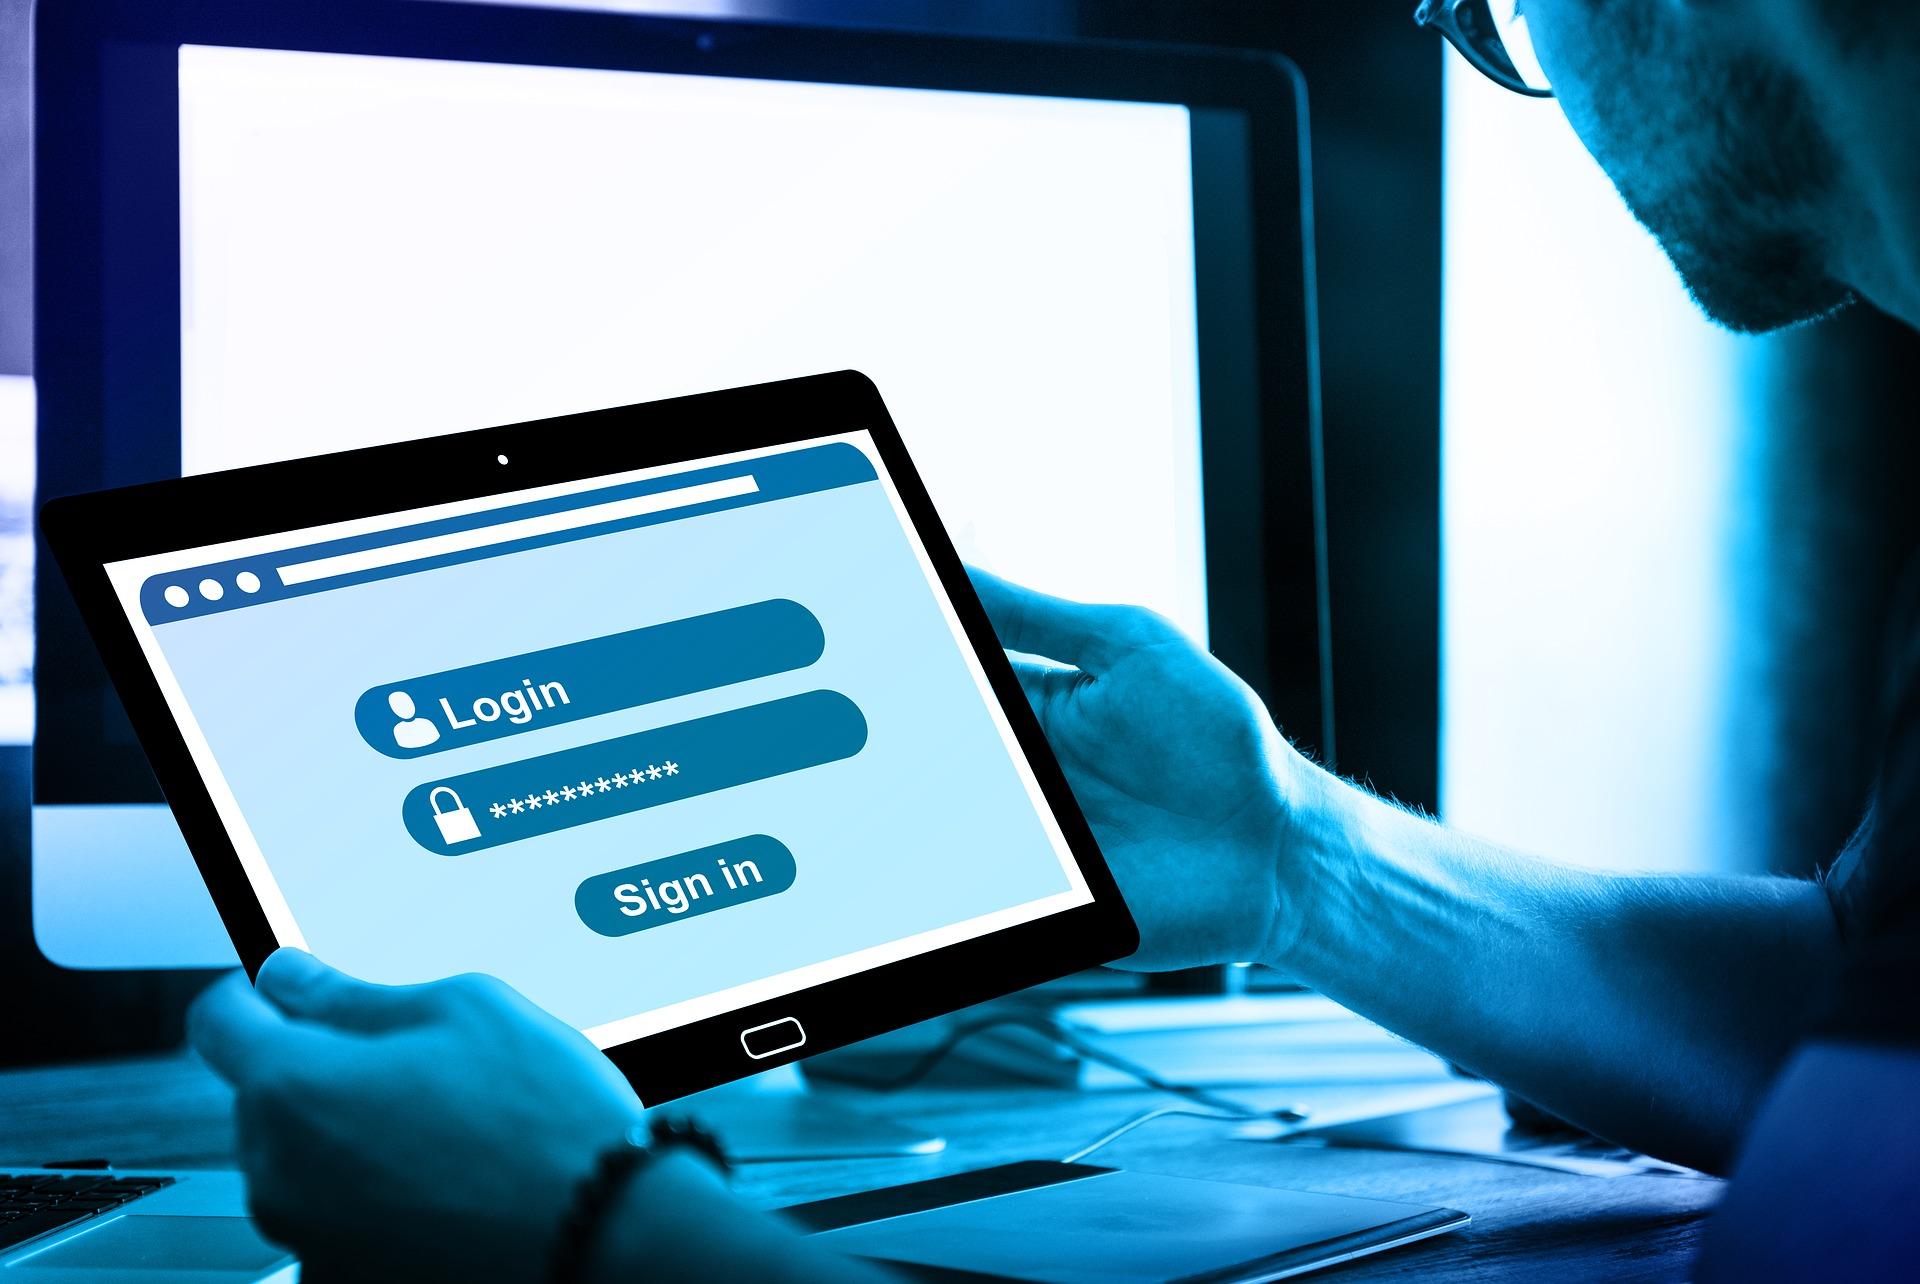 男性が持っているタブレットに、webサイトのログイン画面が表示されている。